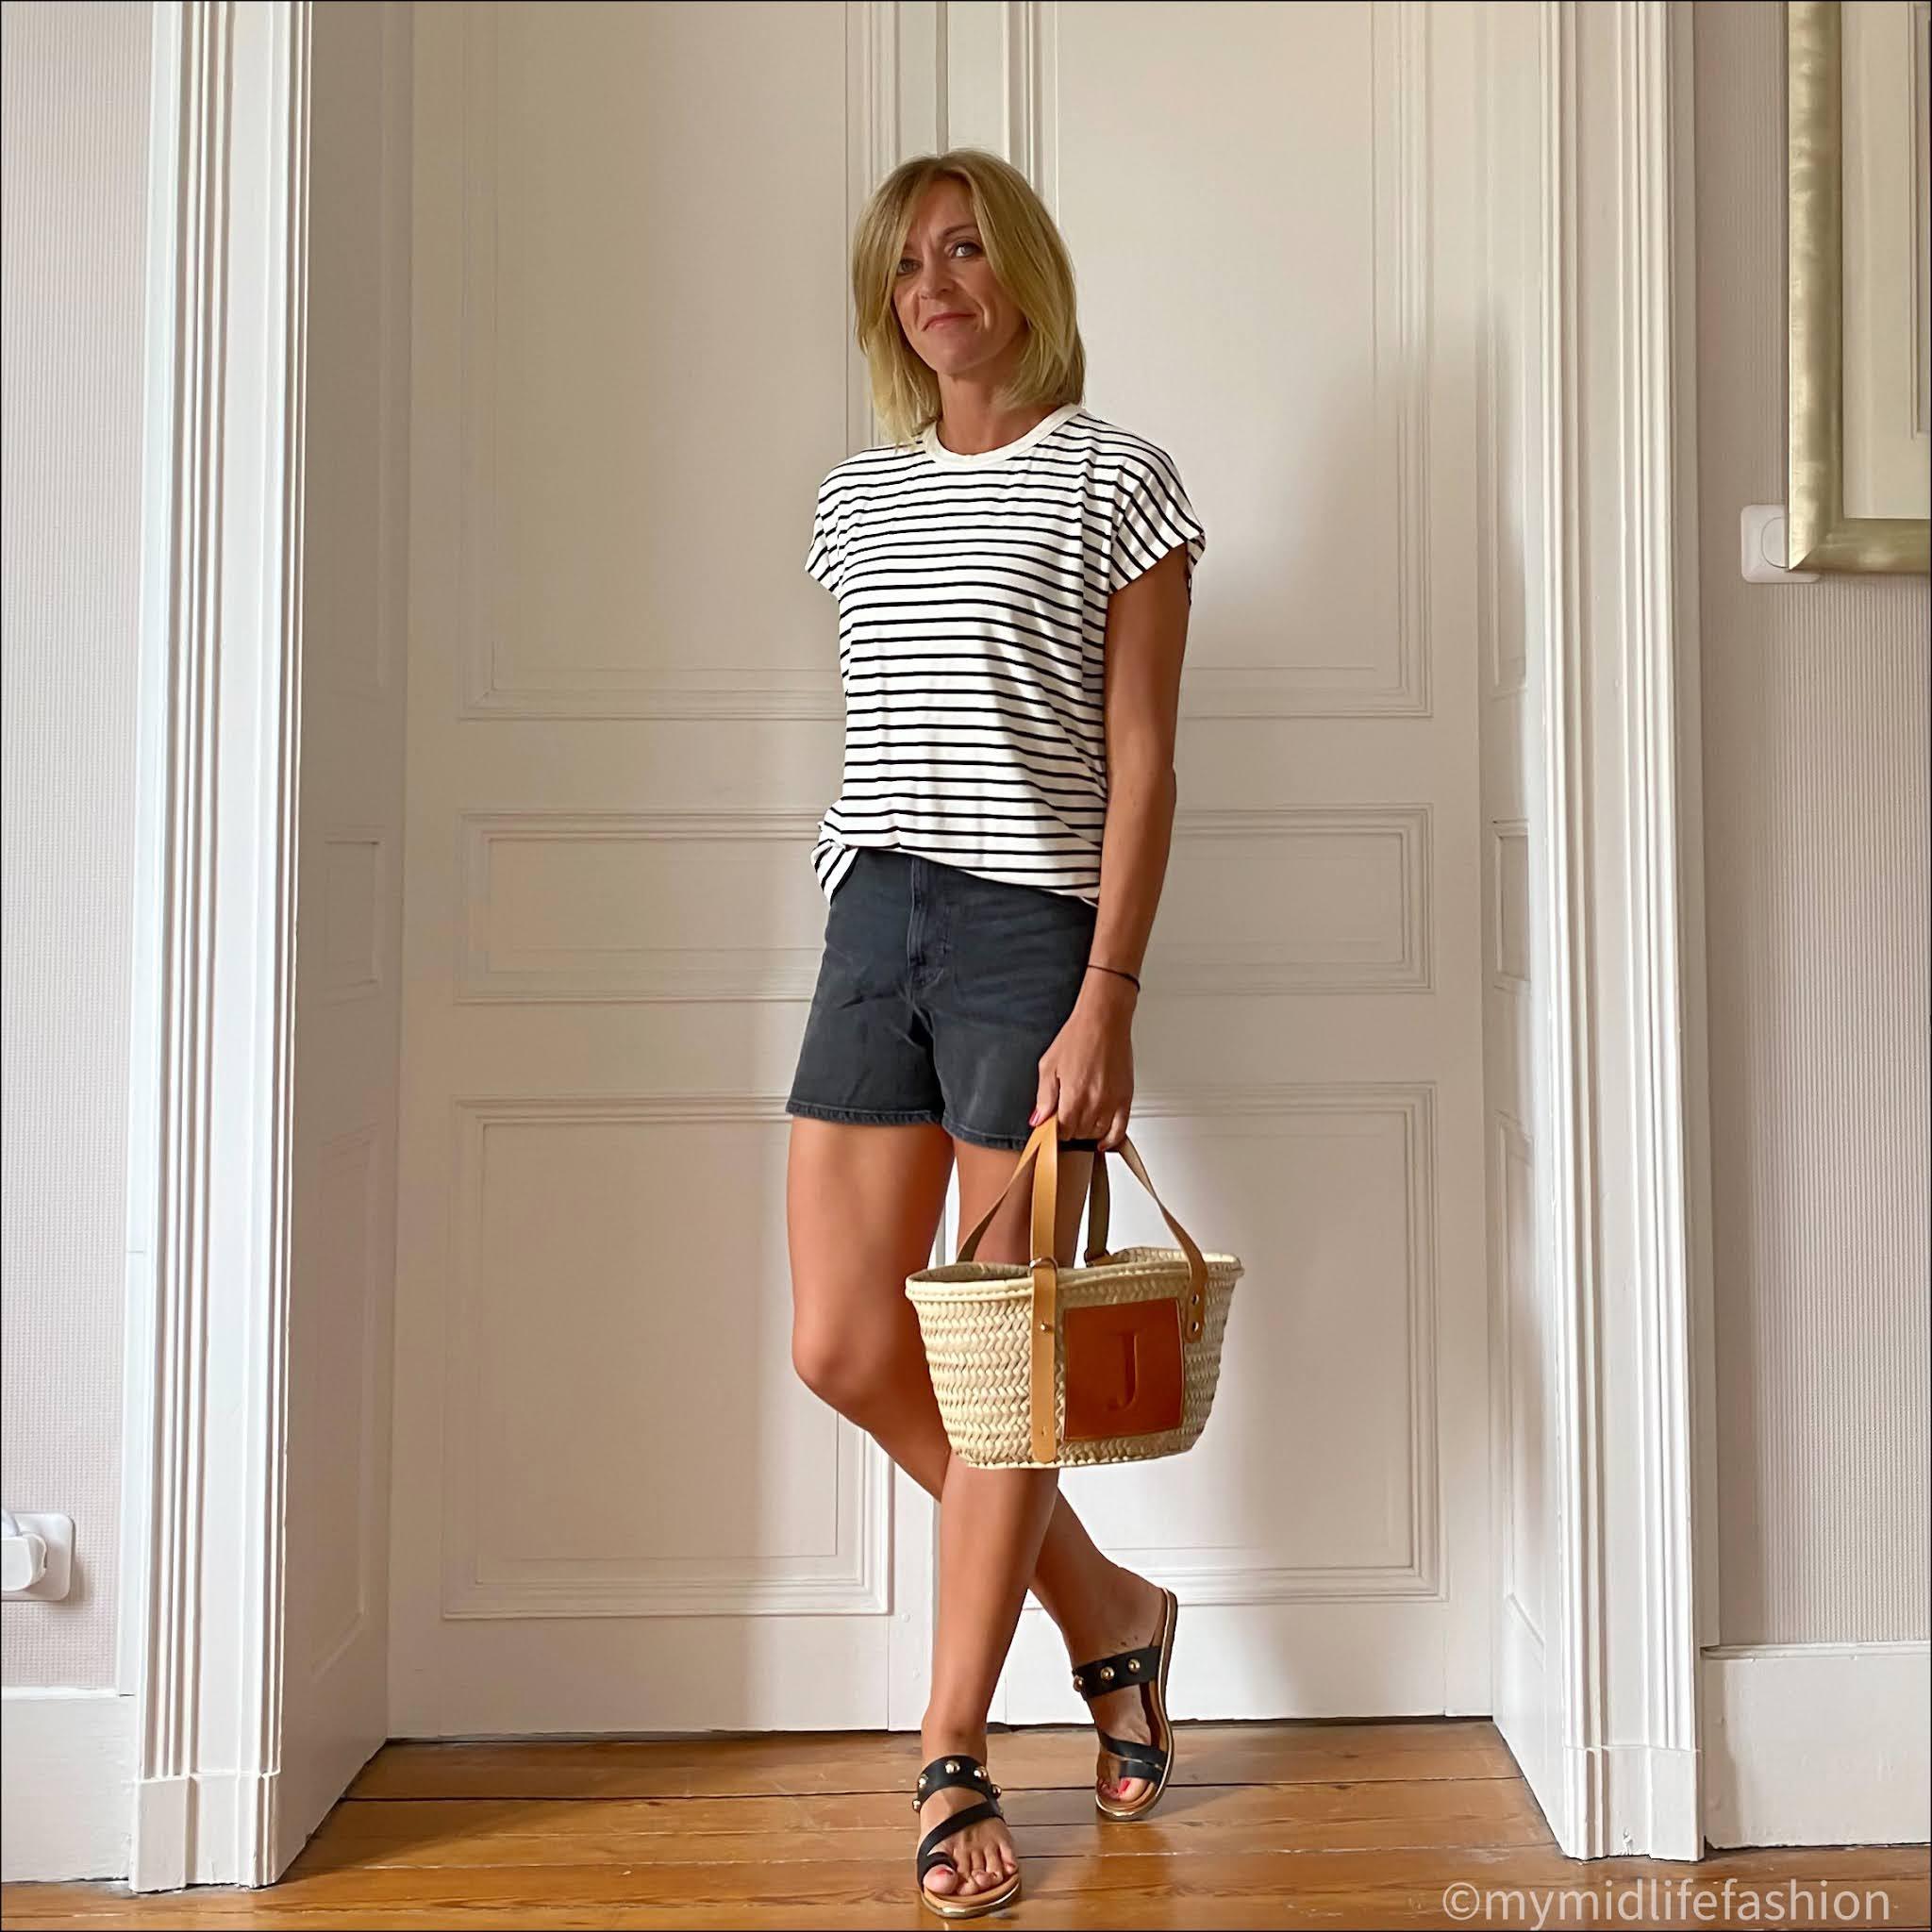 my midlife fashion, Baukjen Emmanuelle top, h and m denim shorts, carvela karafe leather sandals, small tote basket